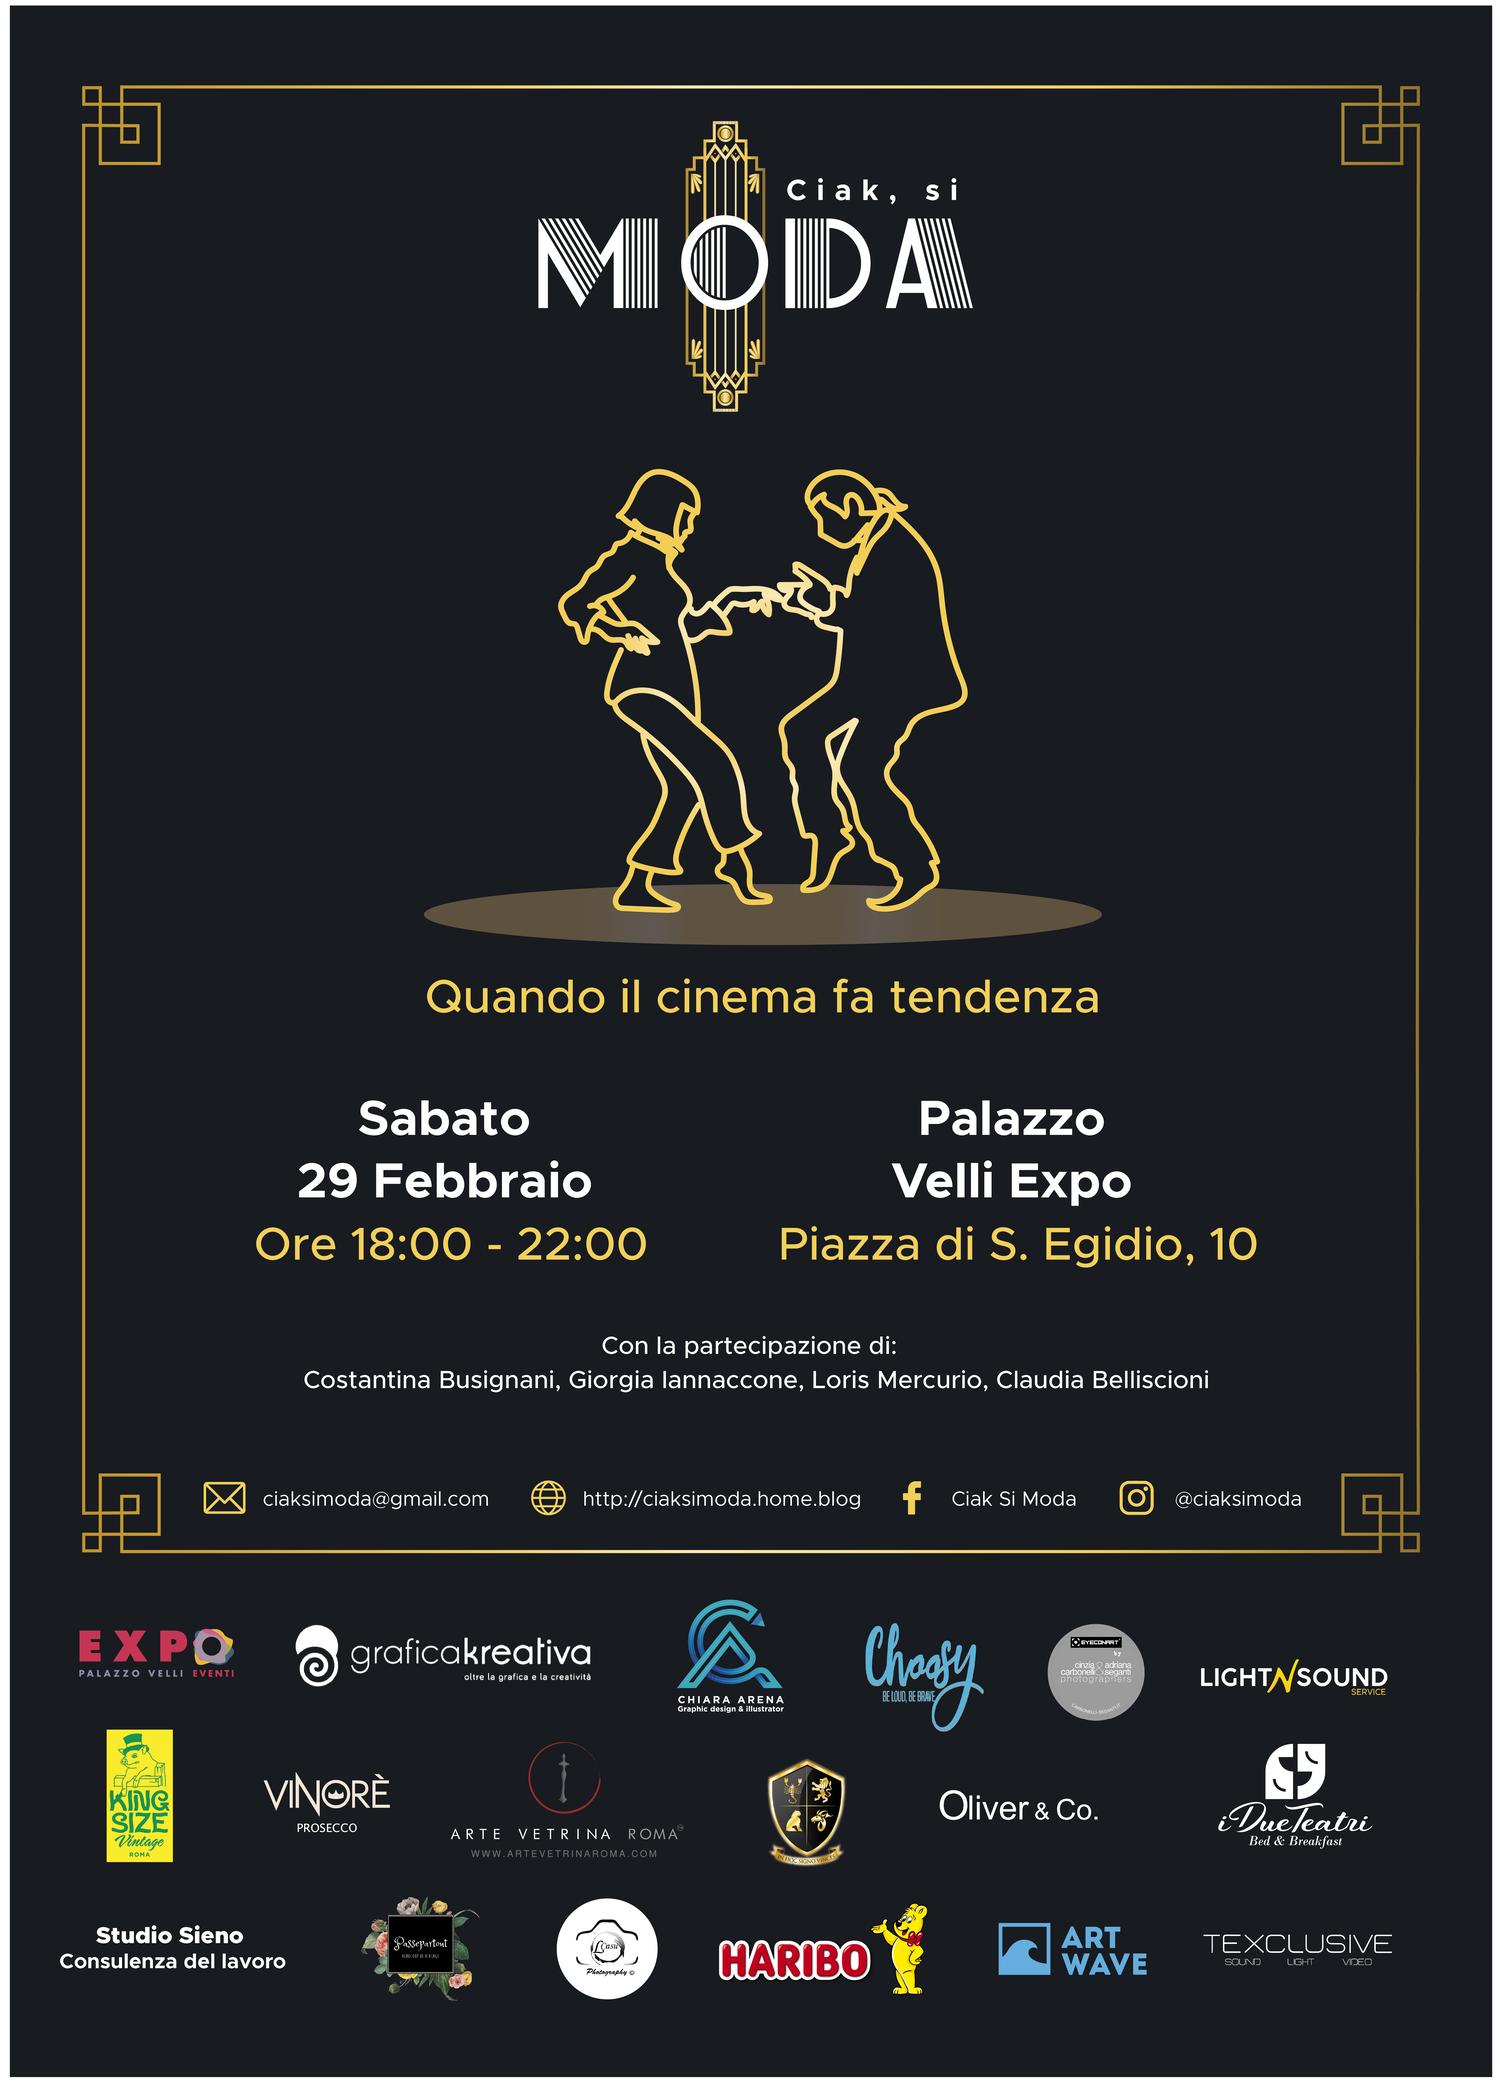 Quadri Moderni Roma Vendita palazzo velli expo | location per eventi, mostre, meeting